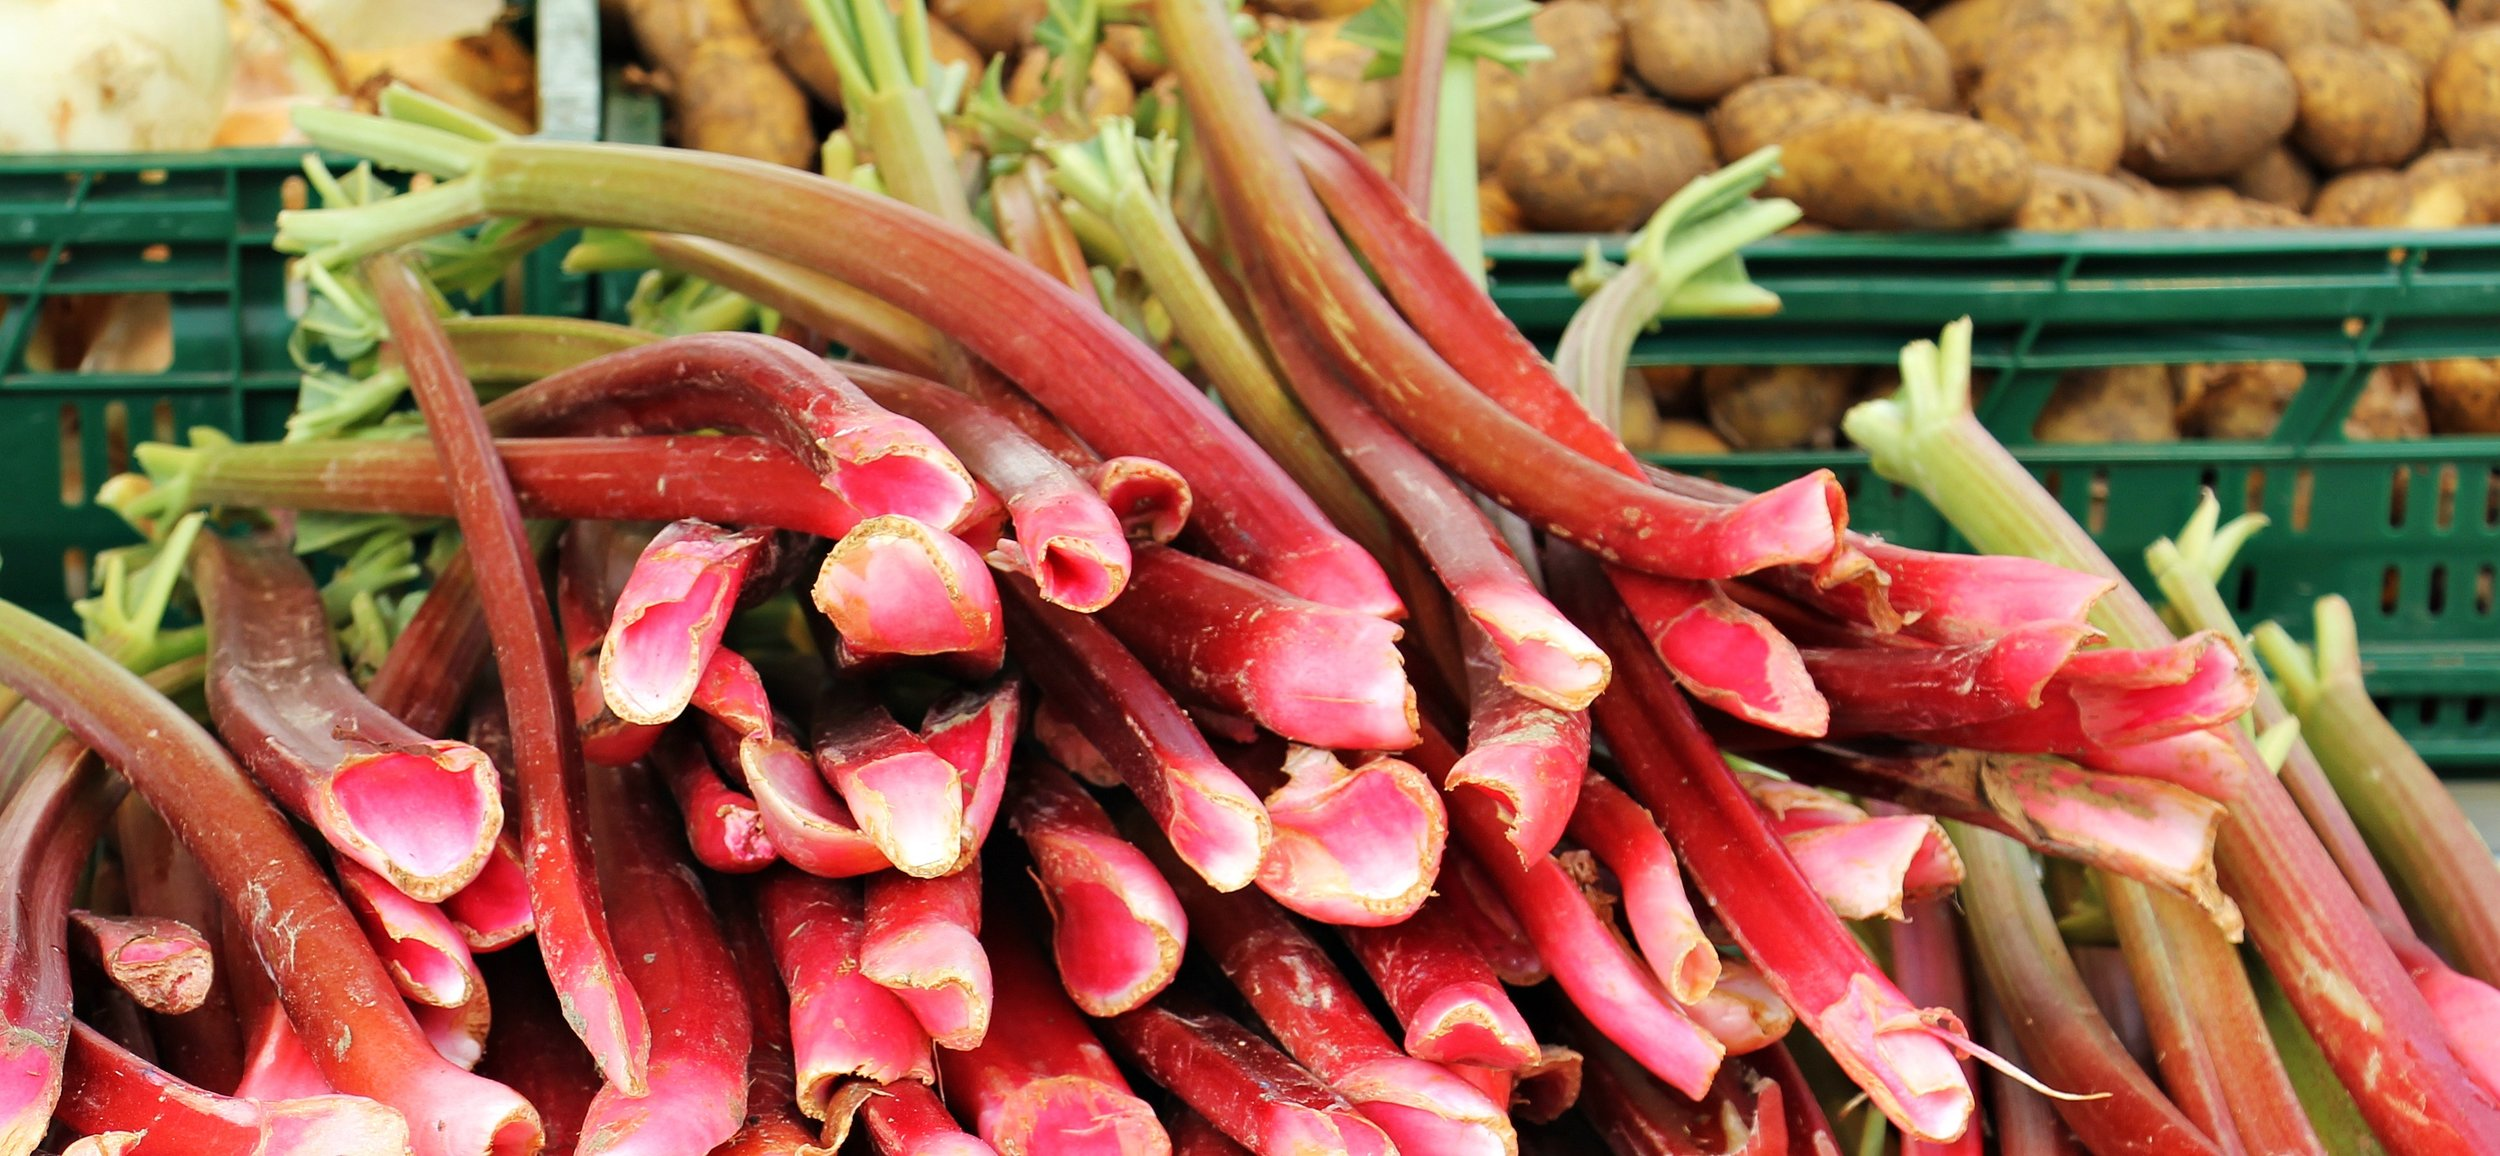 stockvault-vegetable-stall215414.jpg